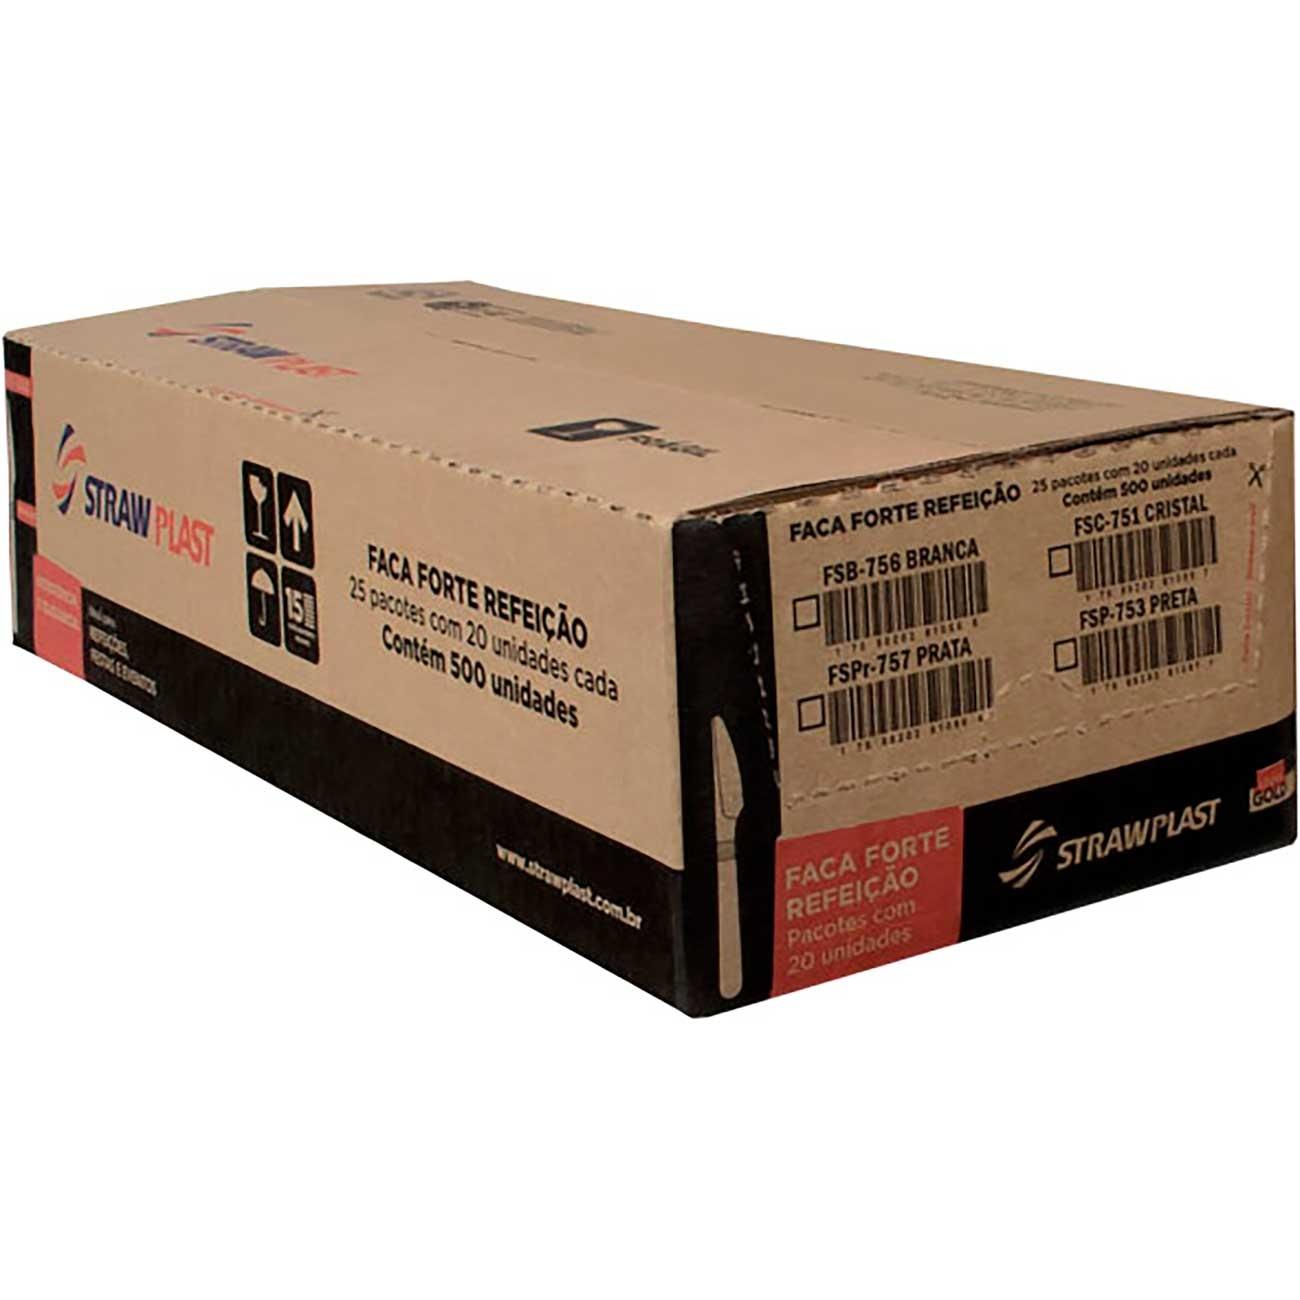 Faca Descart�vel Forte Strawplast Cristal - Fsc-740   Caixa com 500 unidades